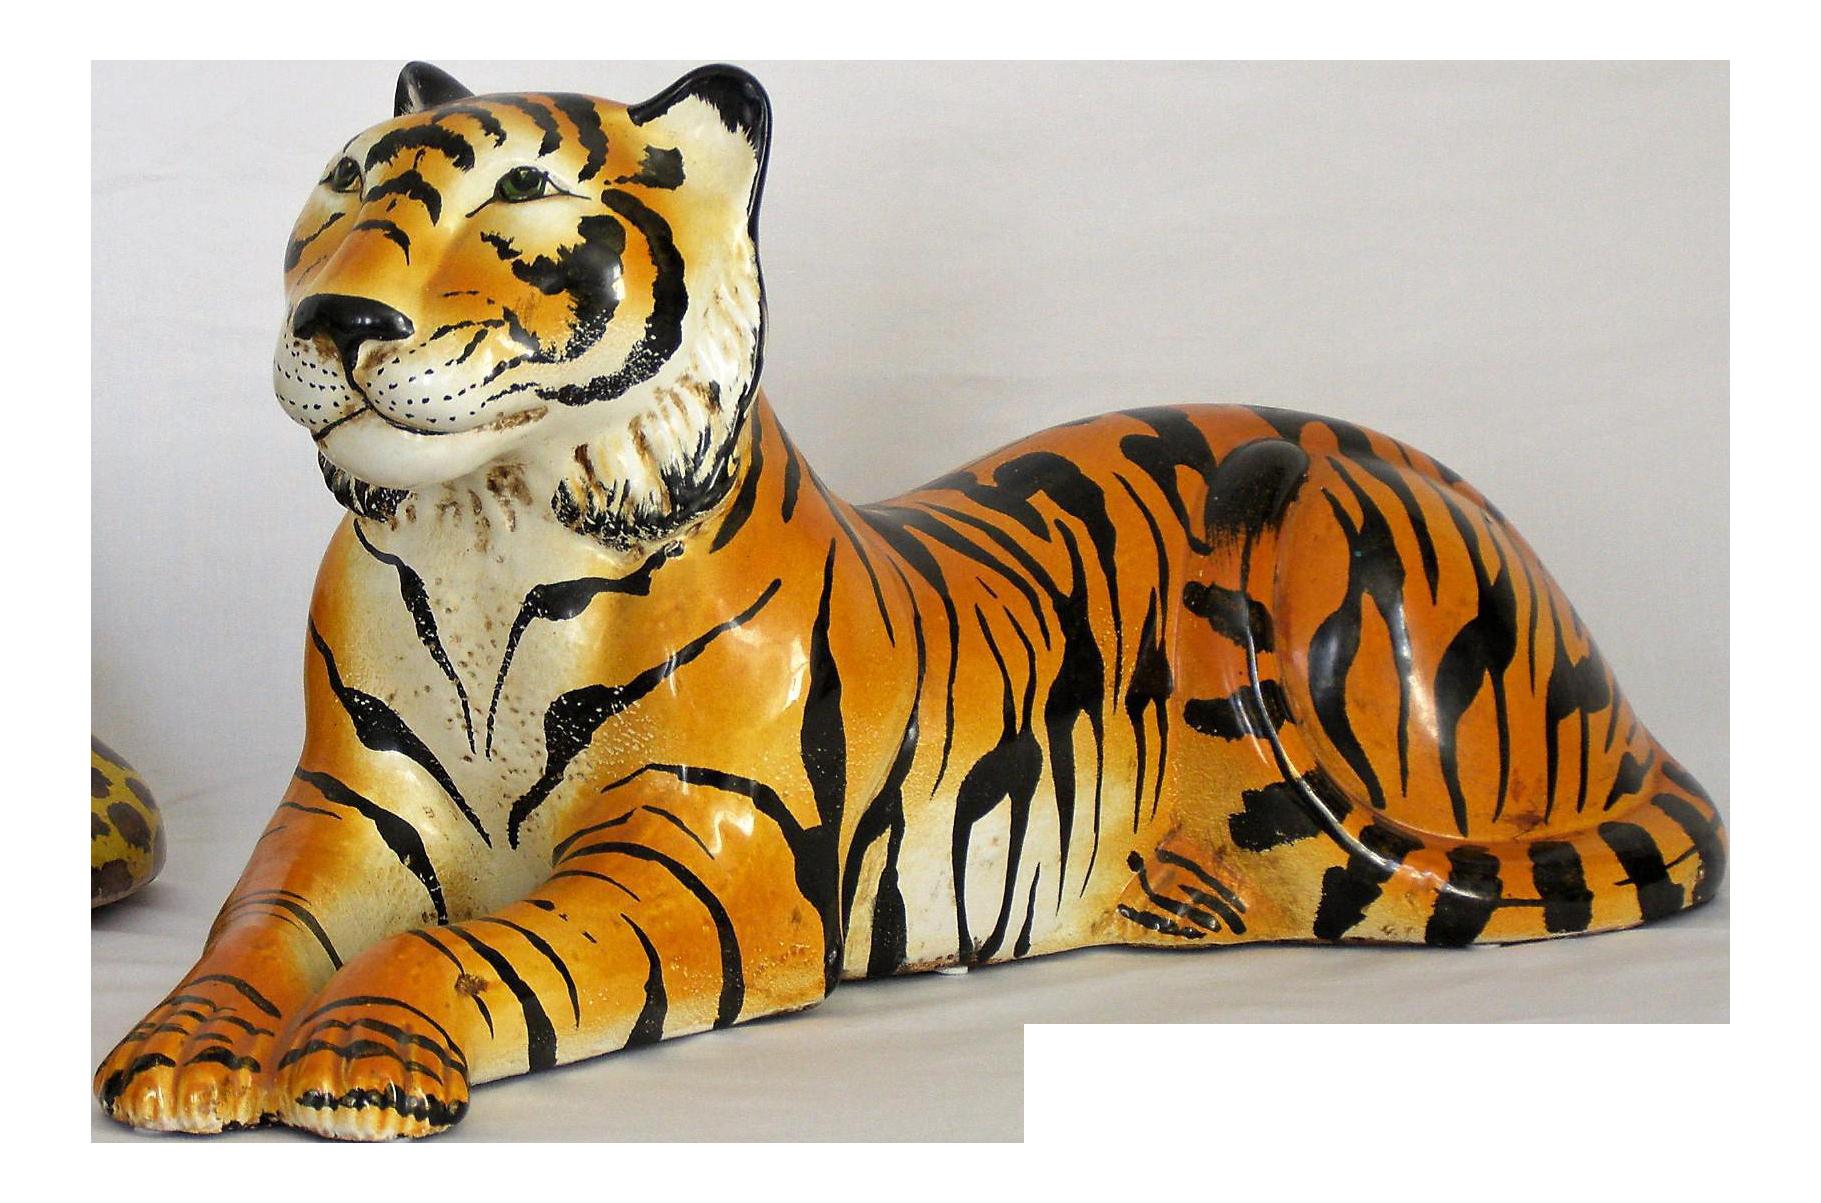 Mid Century Modern Italian Ceramic Tiger Sculpture Hollywood